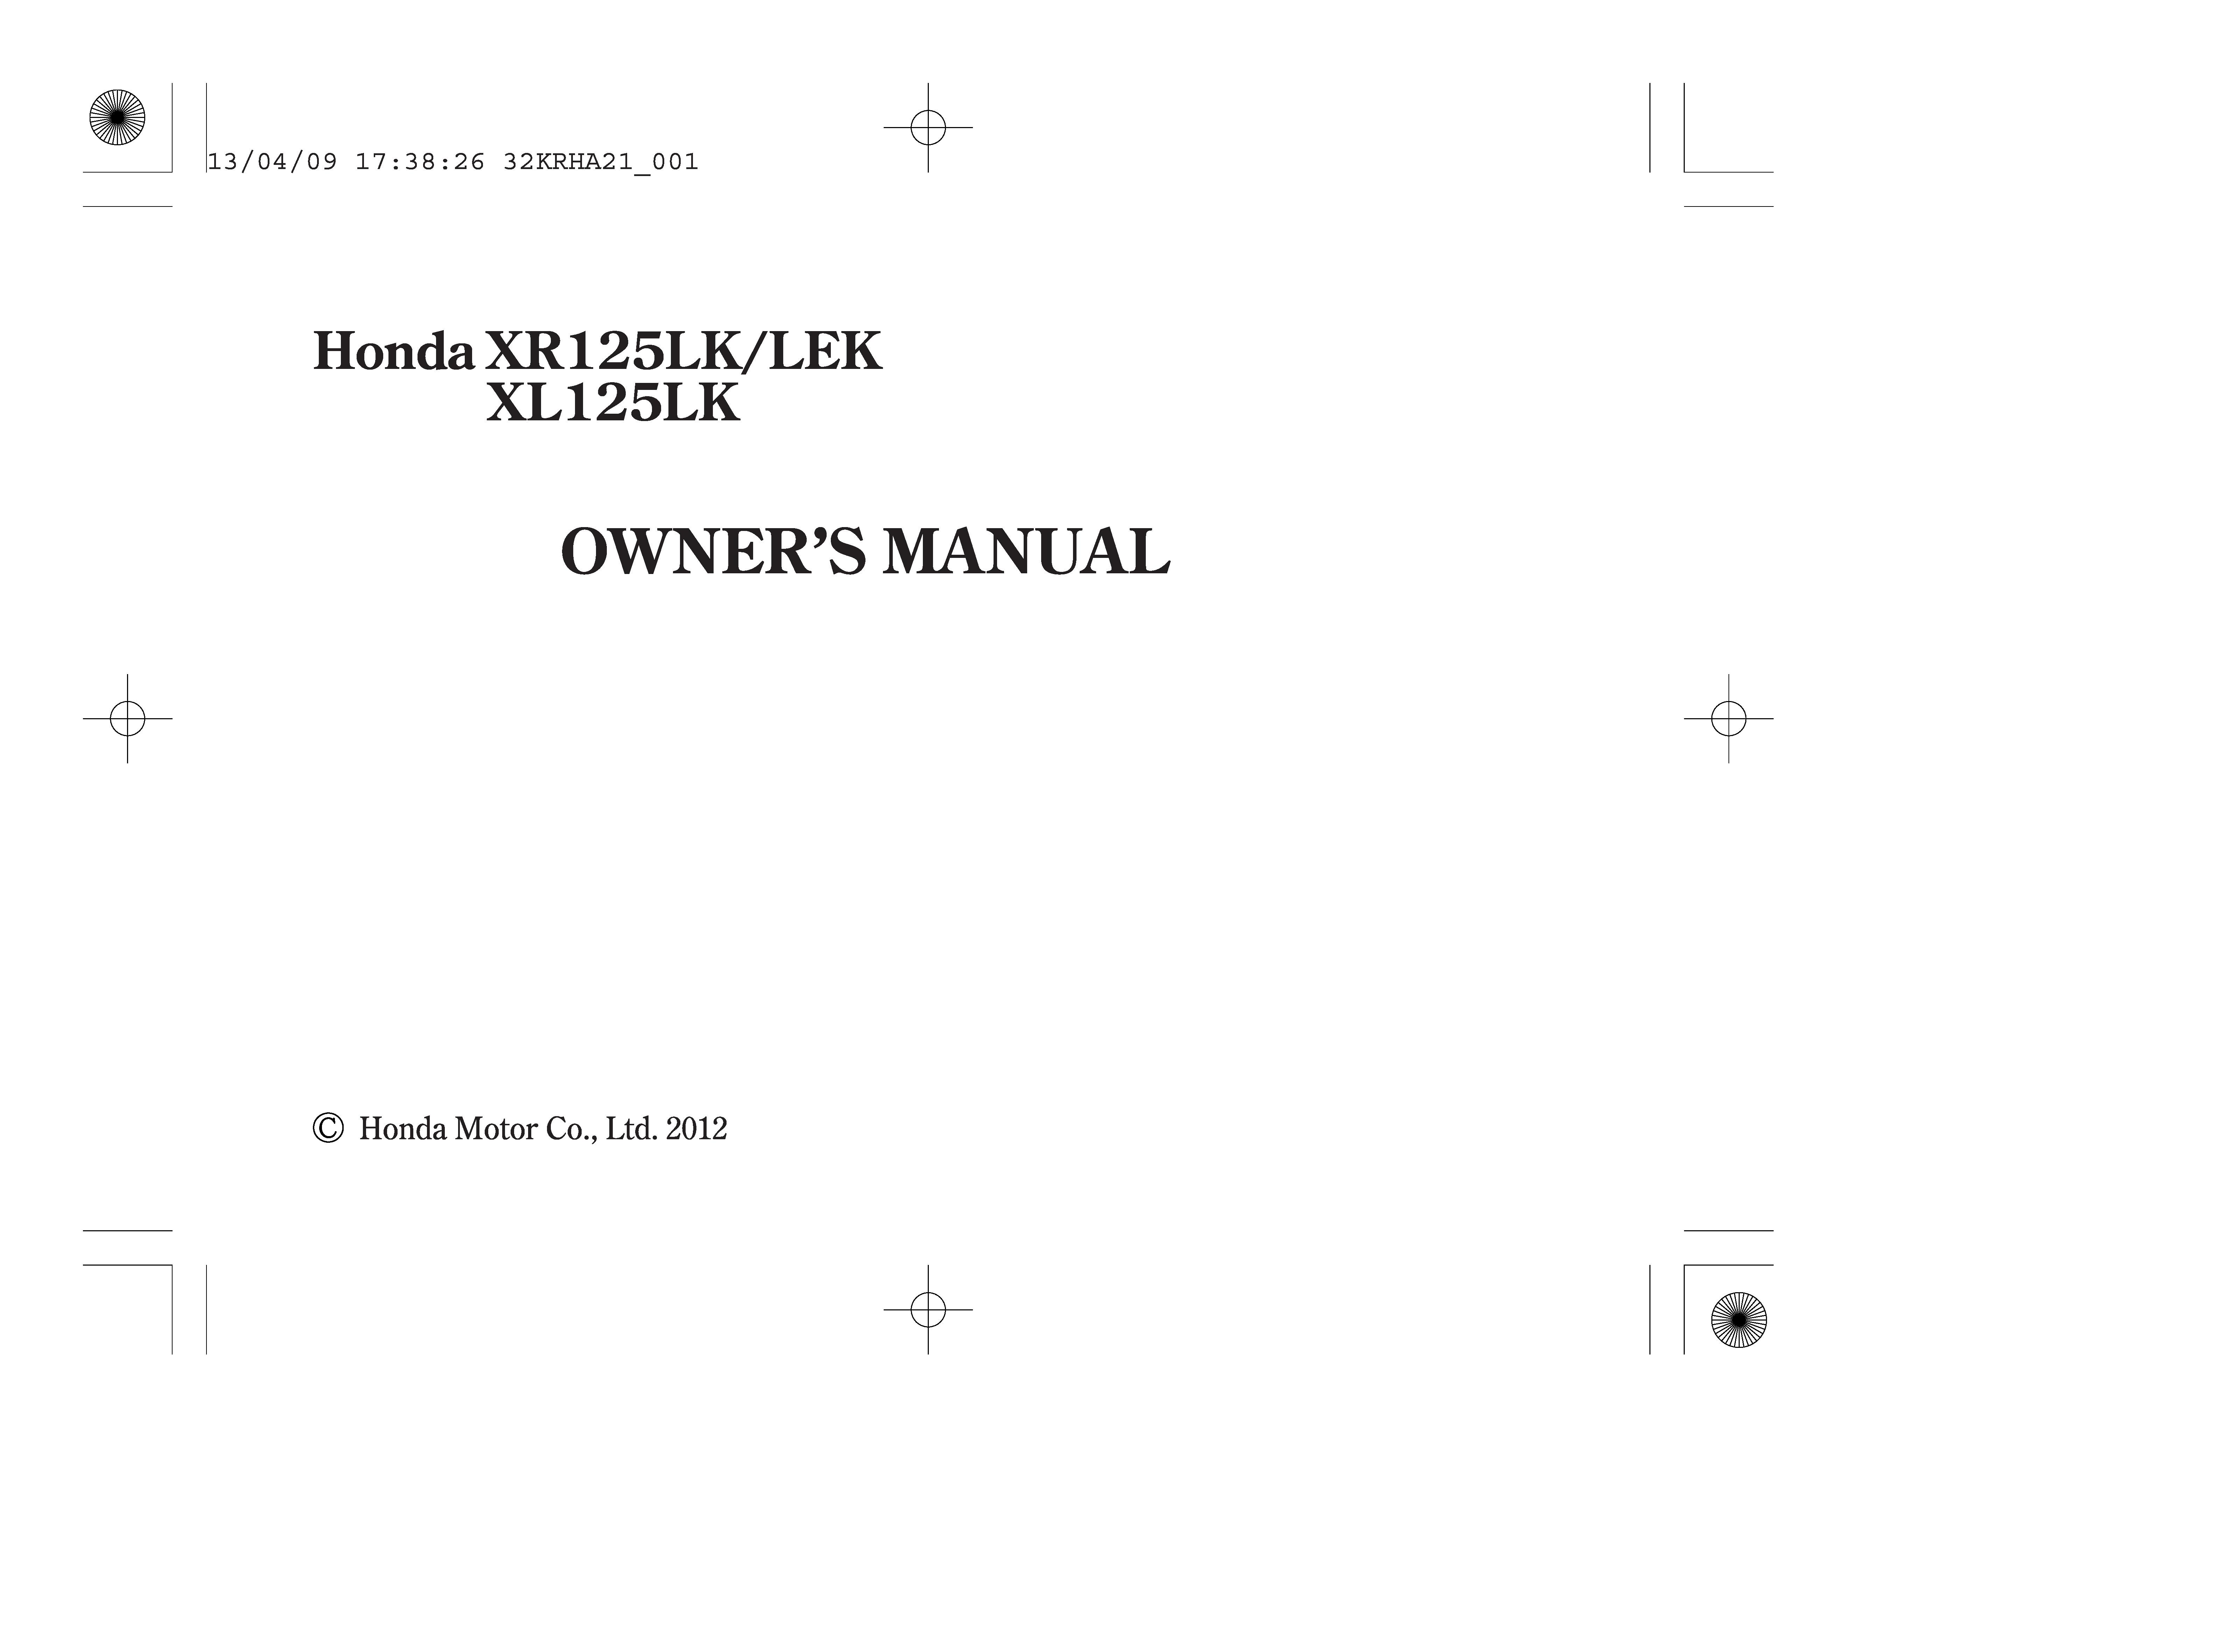 Owner's manual for Honda XR125LEK (2012)